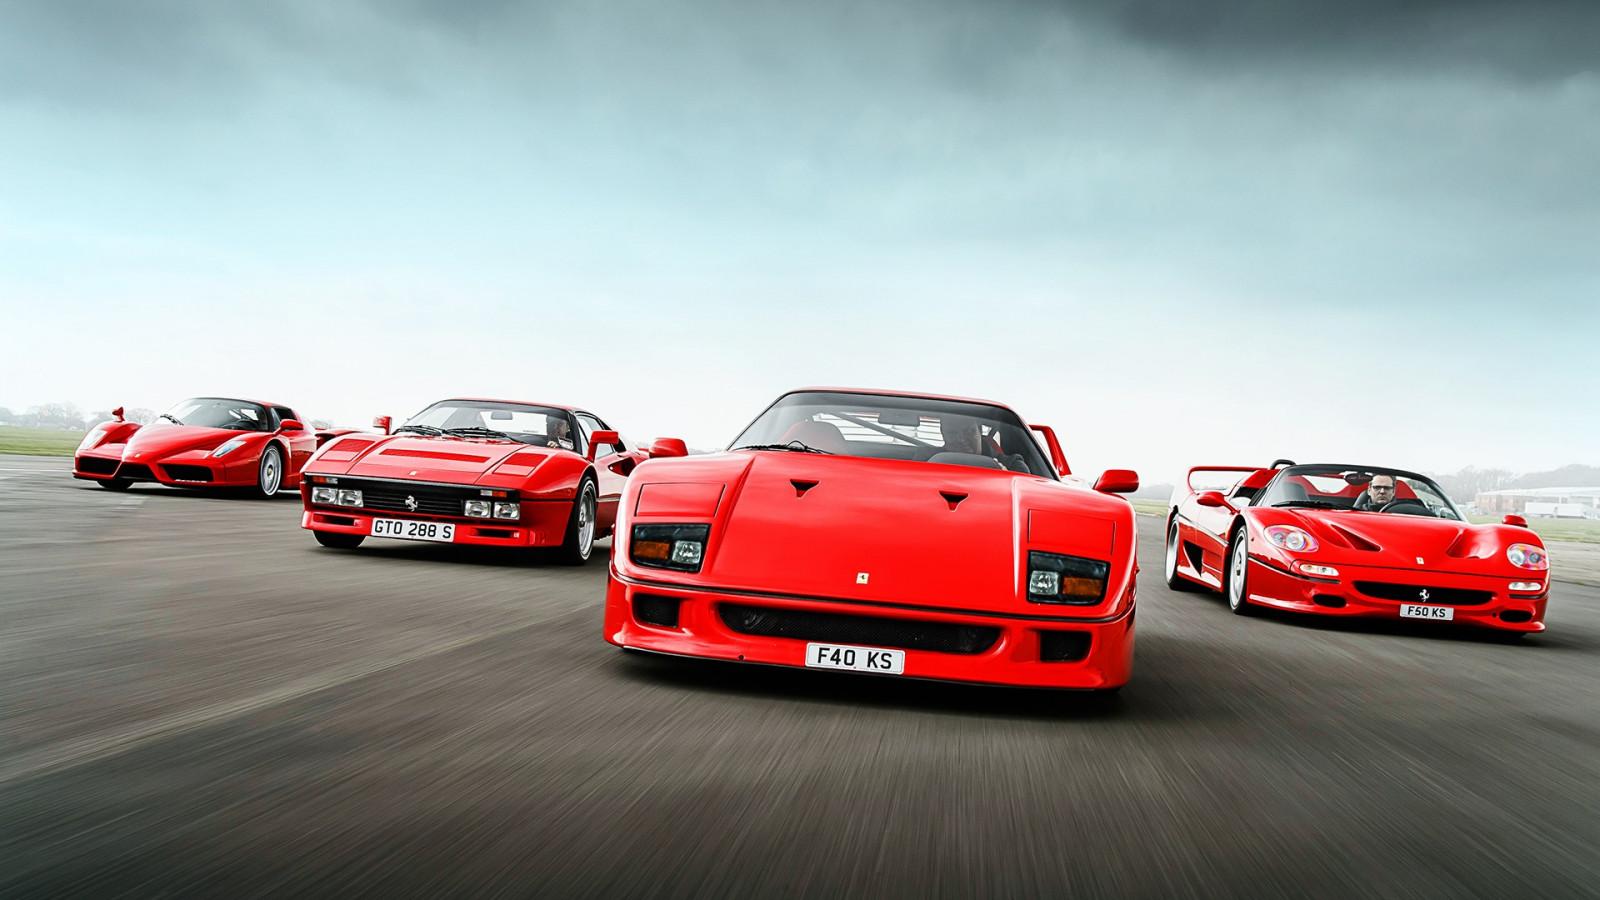 デスクトップ壁紙 赤い車 スポーツカー フェラーリf430 フェラーリf40 フェラーリエンツォ パフォーマンスカー フェラーリf50 フェラーリ2 Gto スーパーカー 陸上車両 自動車デザイン レースカー 自動車メーカー 高級車 フェラーリスパ 19x1080